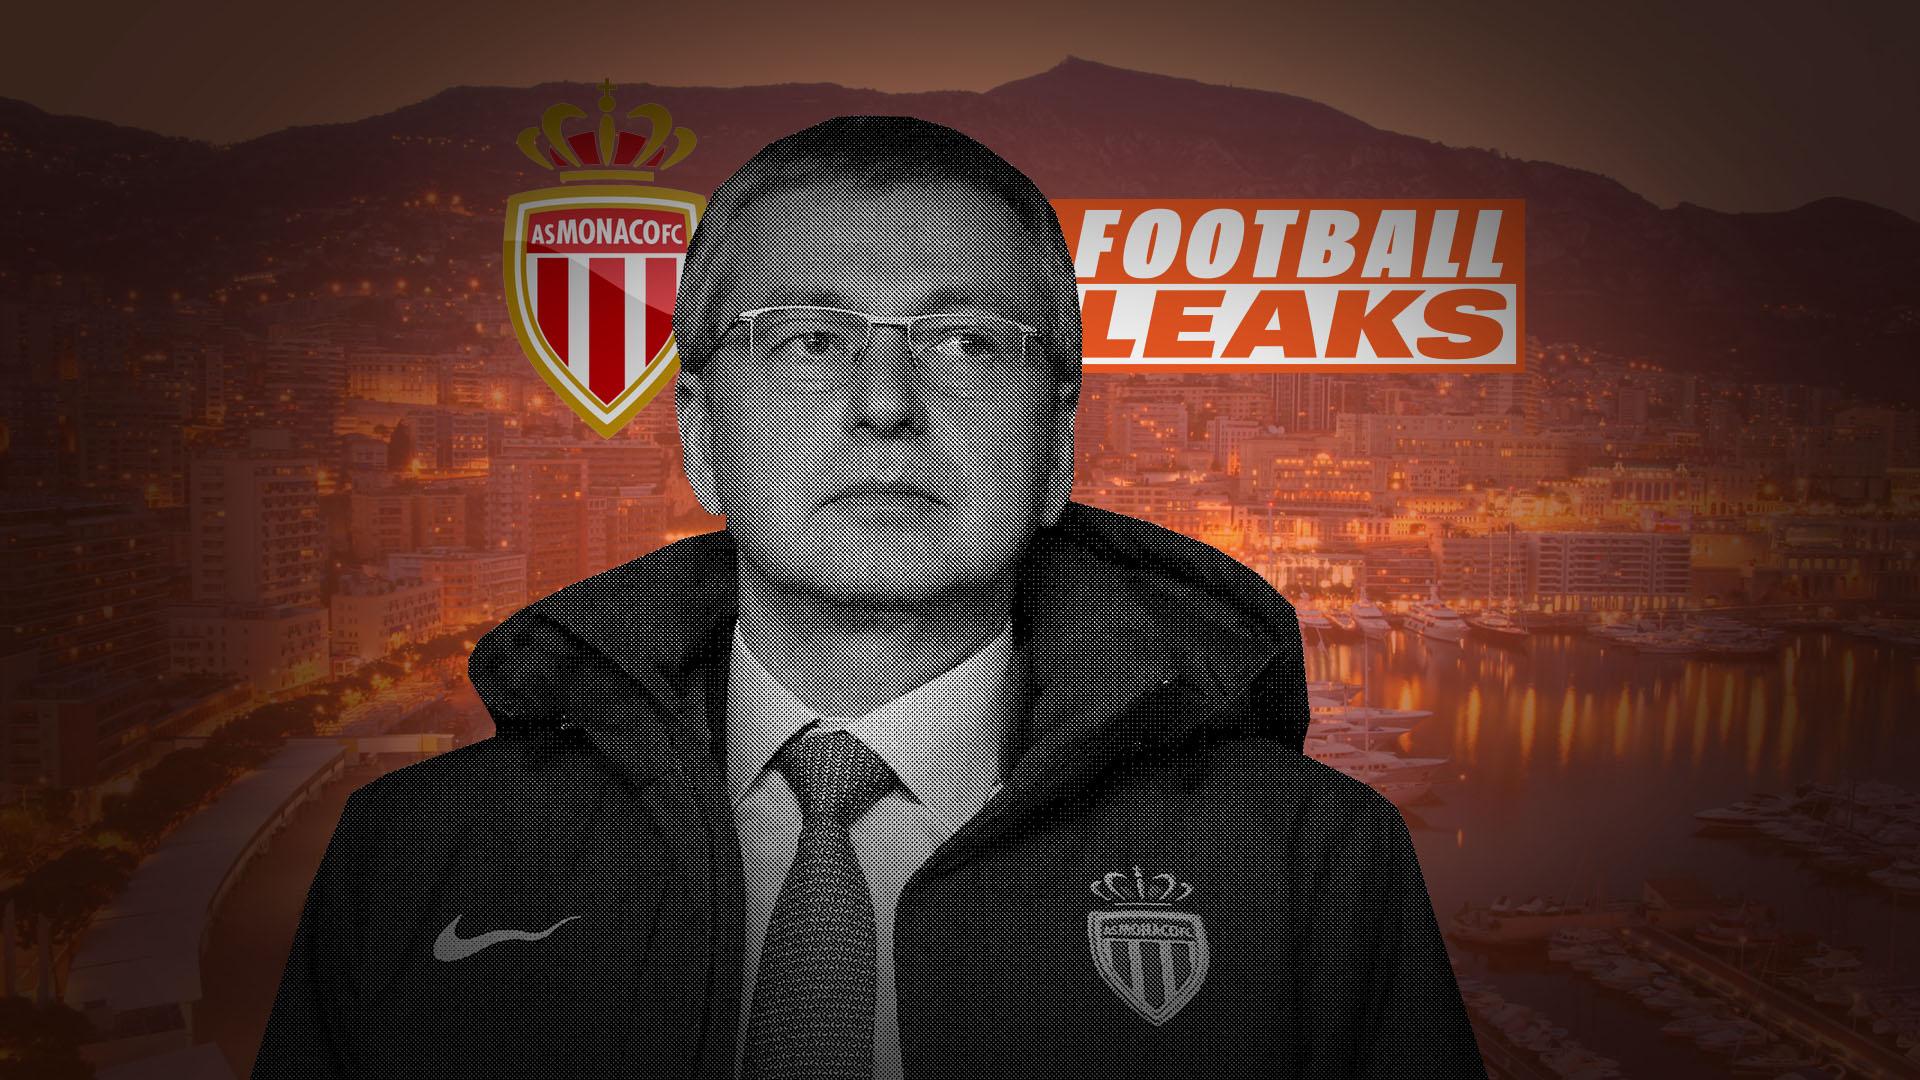 FOOTBALL LEAKS: Kako je ruski milijarder zarobio AS Monaco i cijelu kneževinu